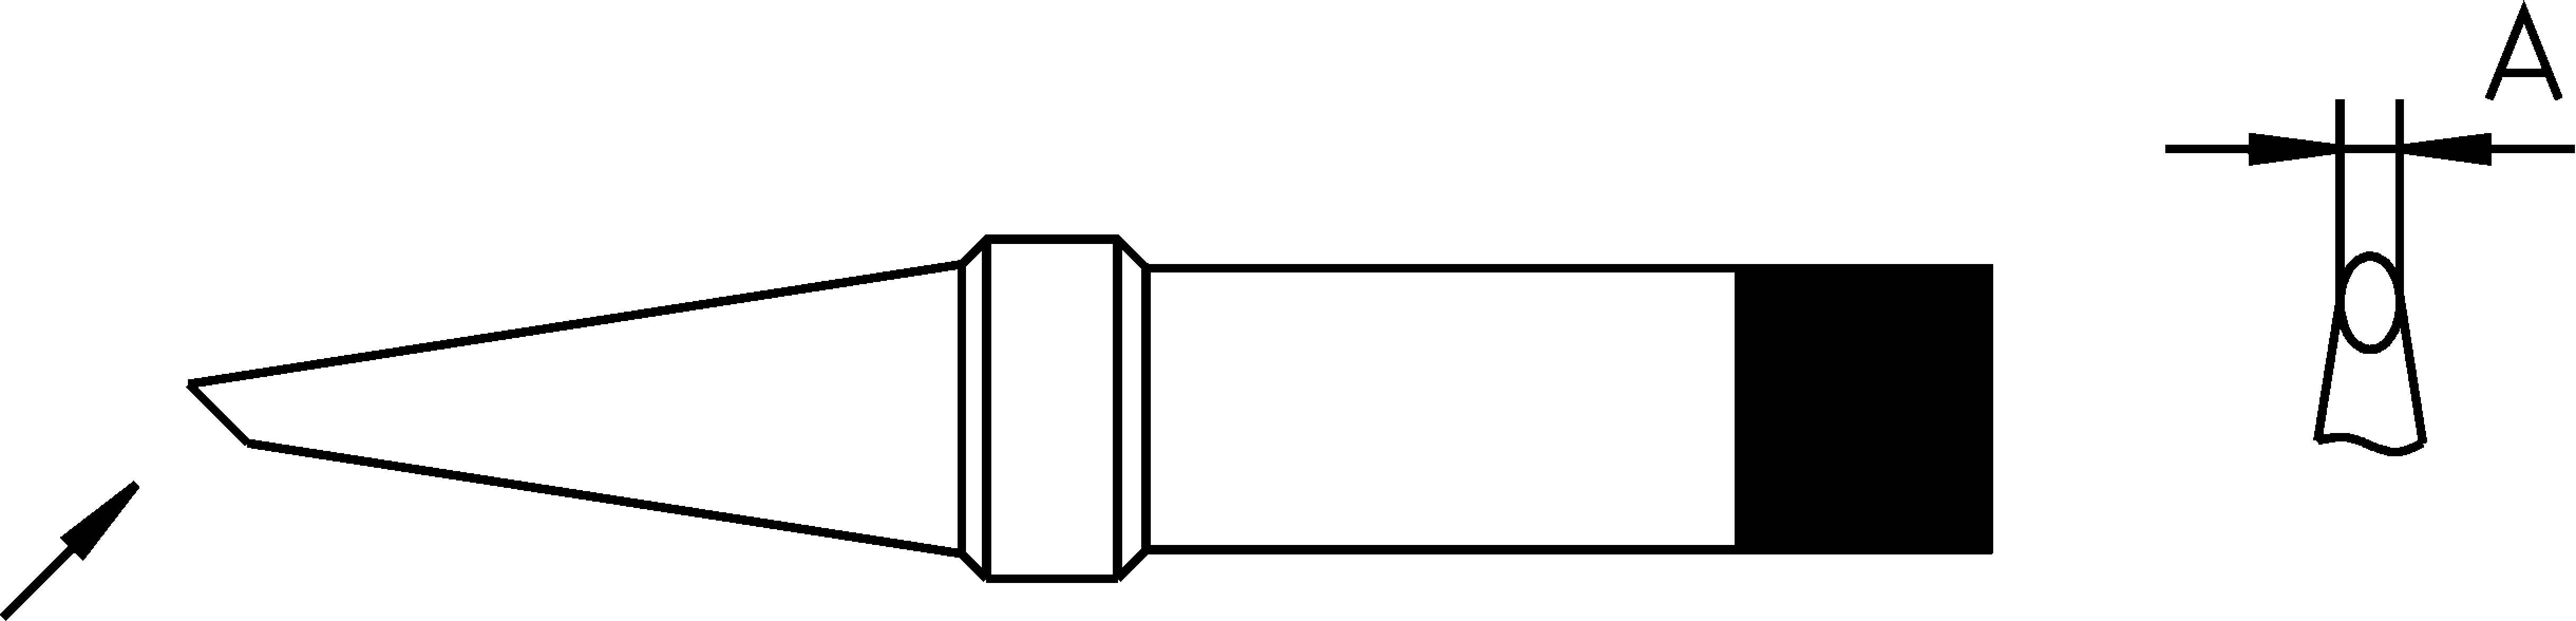 Pájecí hrot Weller 4PTF7-1, 1,2 mm